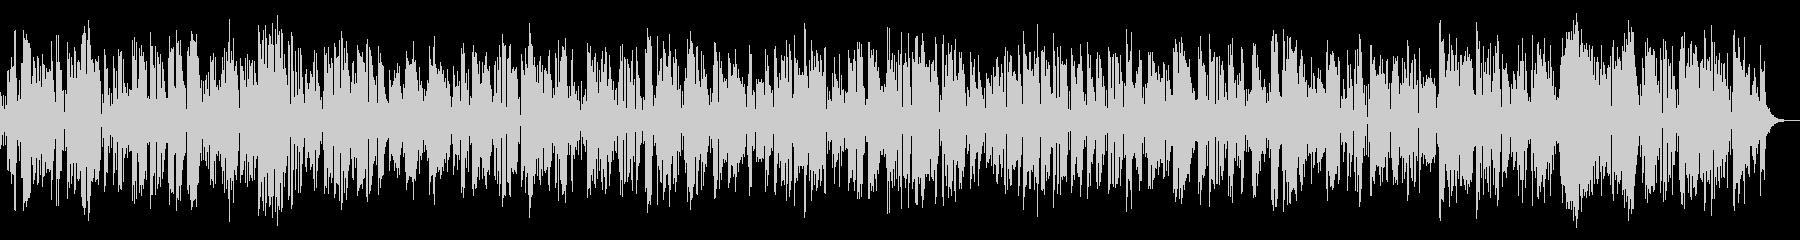 コミカルなビンテージクラリネットジャズの未再生の波形